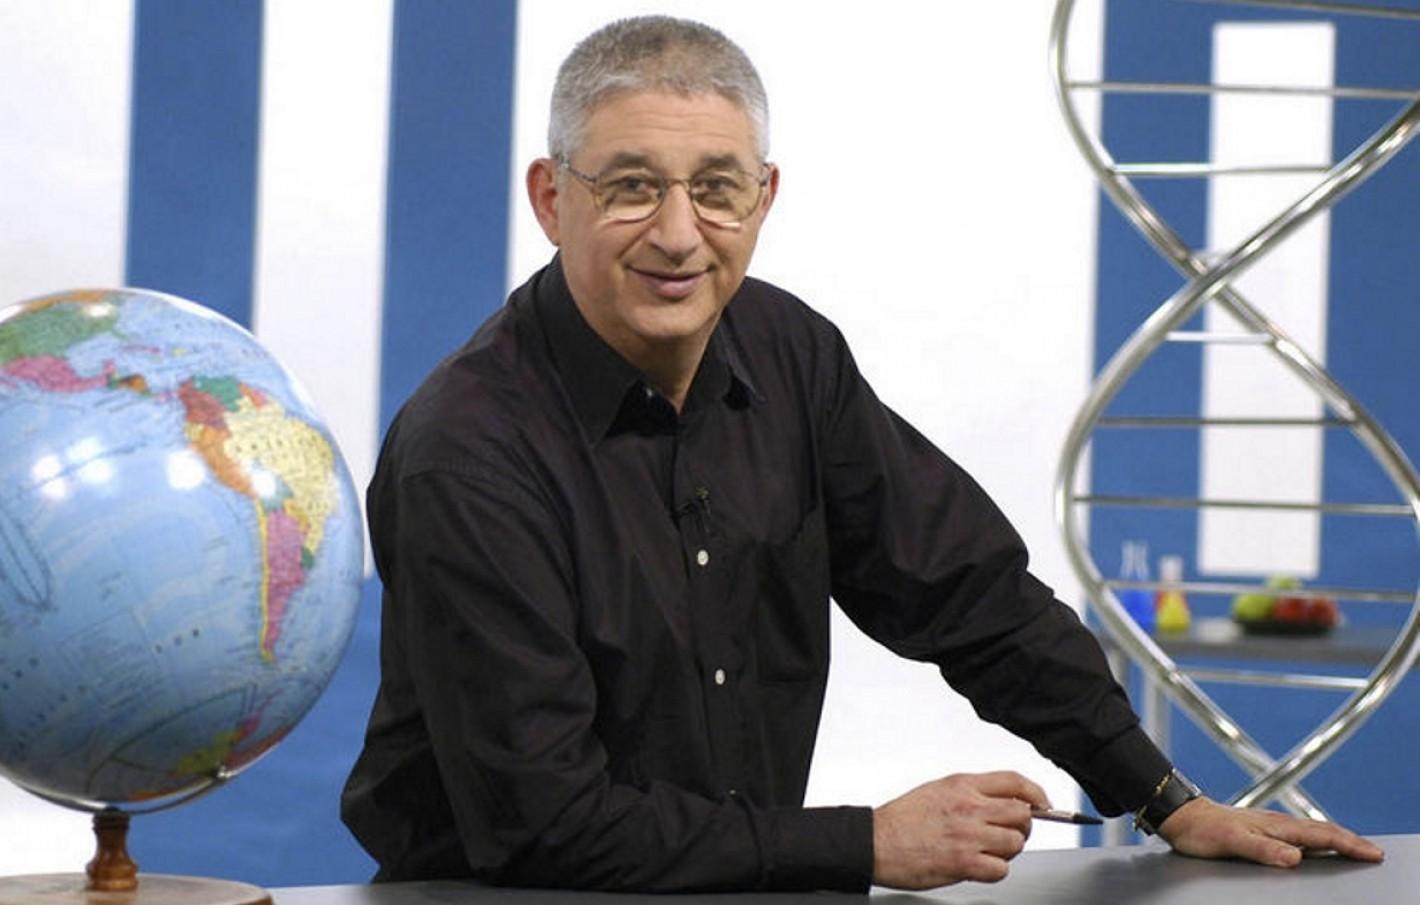 El Dr. Adrián Paenza recibió el apoyo de Carta Abierta ante el ataque del macrismo.